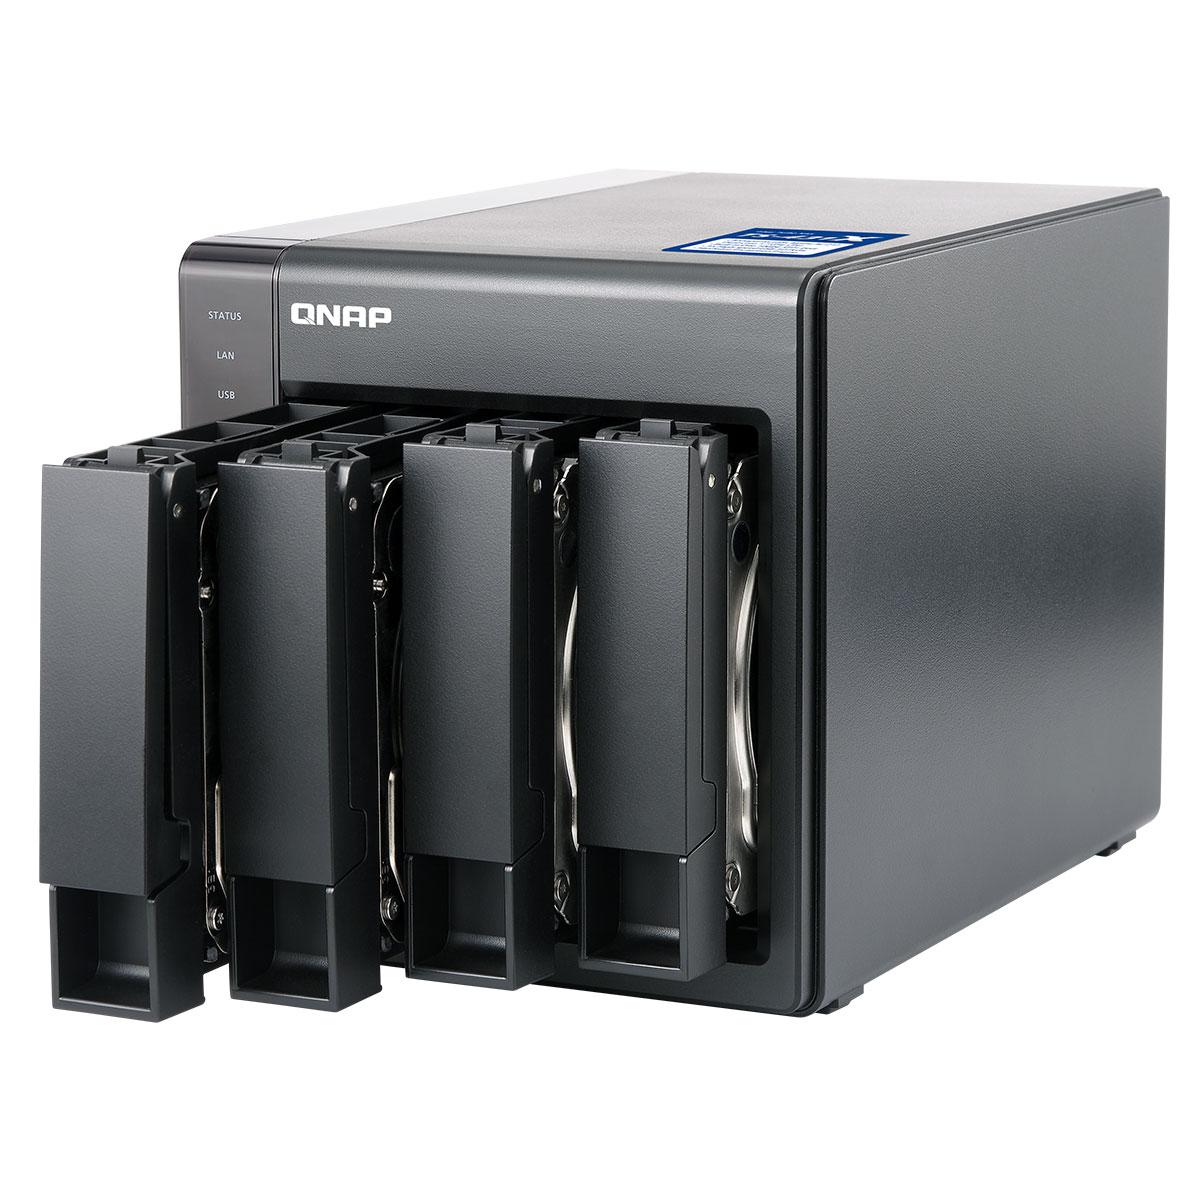 Qnap TS-431X-2G - 4 HDD - Serveur NAS Qnap - Cybertek.fr - 2